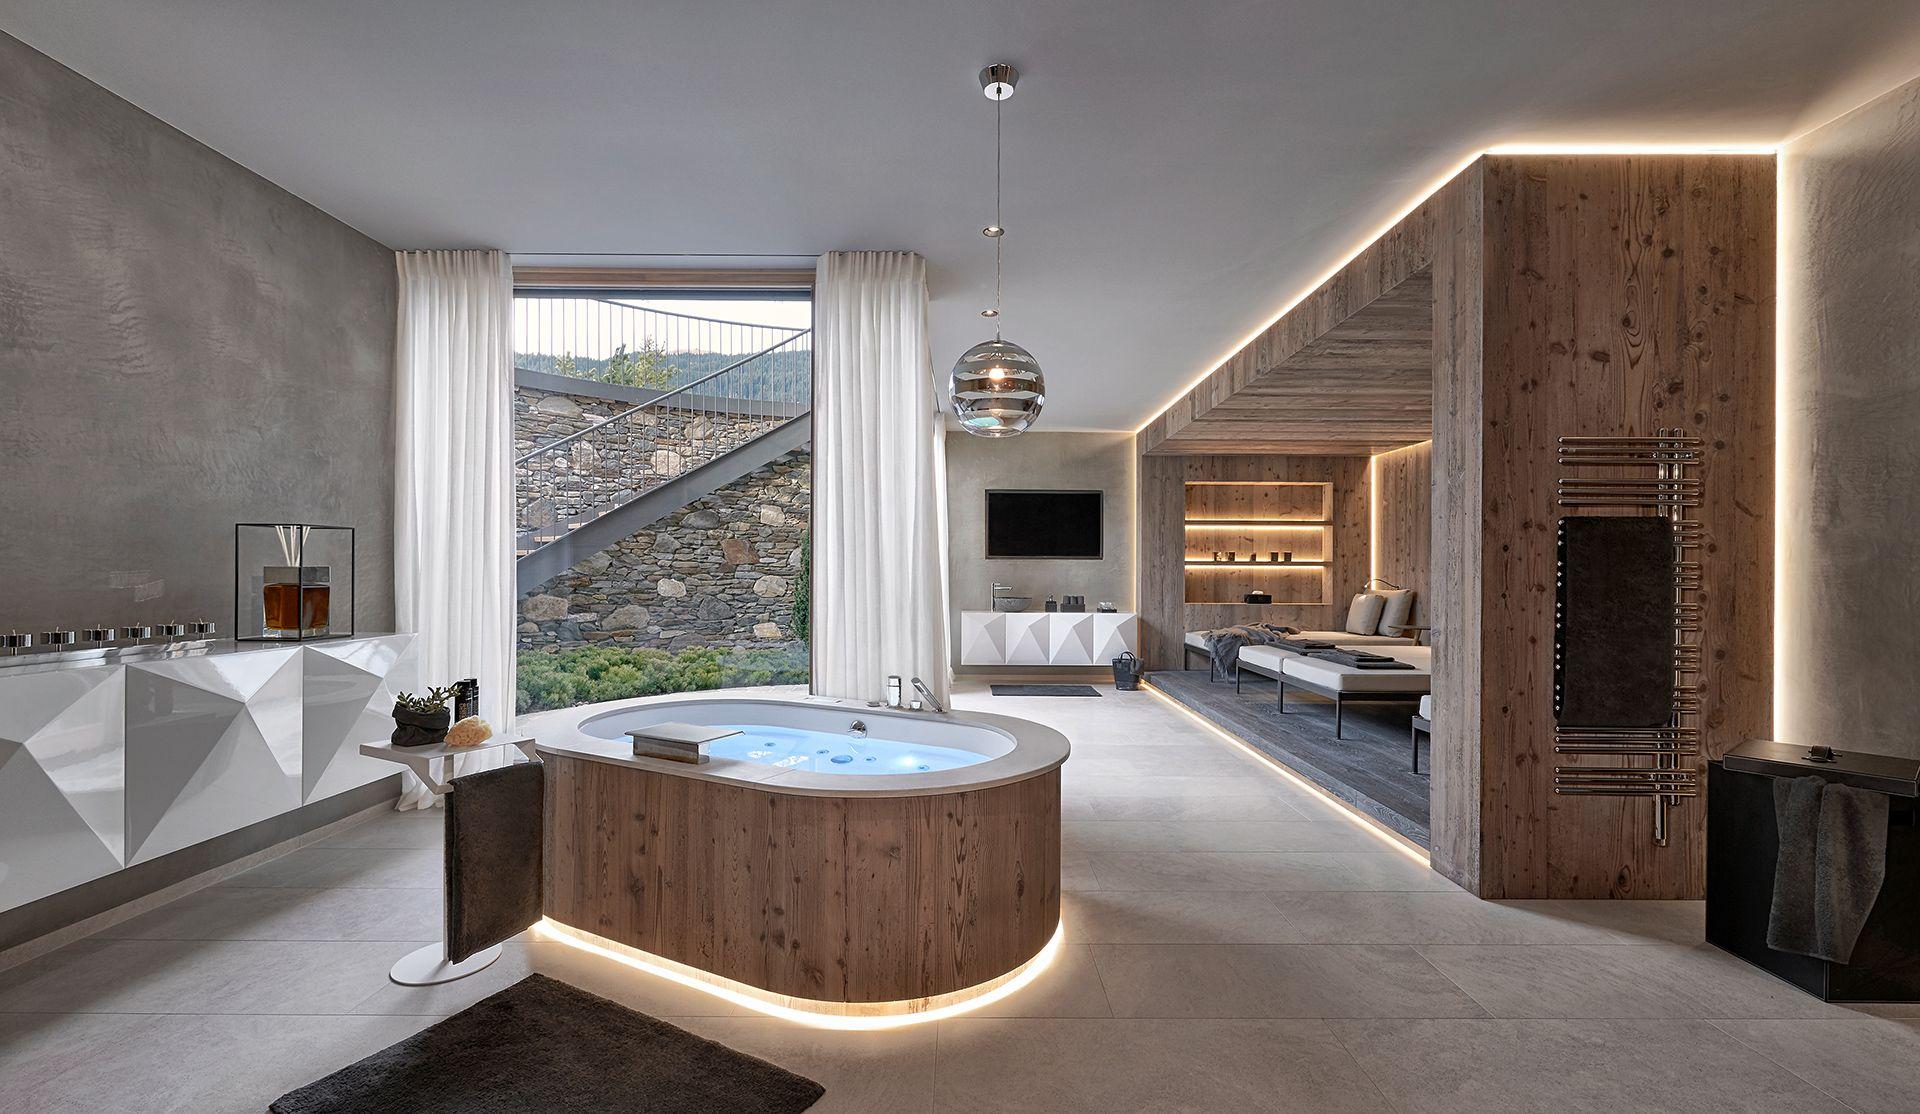 badarchitektur wellness von gasteiger bad in kitzb hel chalet stil naturstein terradistone. Black Bedroom Furniture Sets. Home Design Ideas